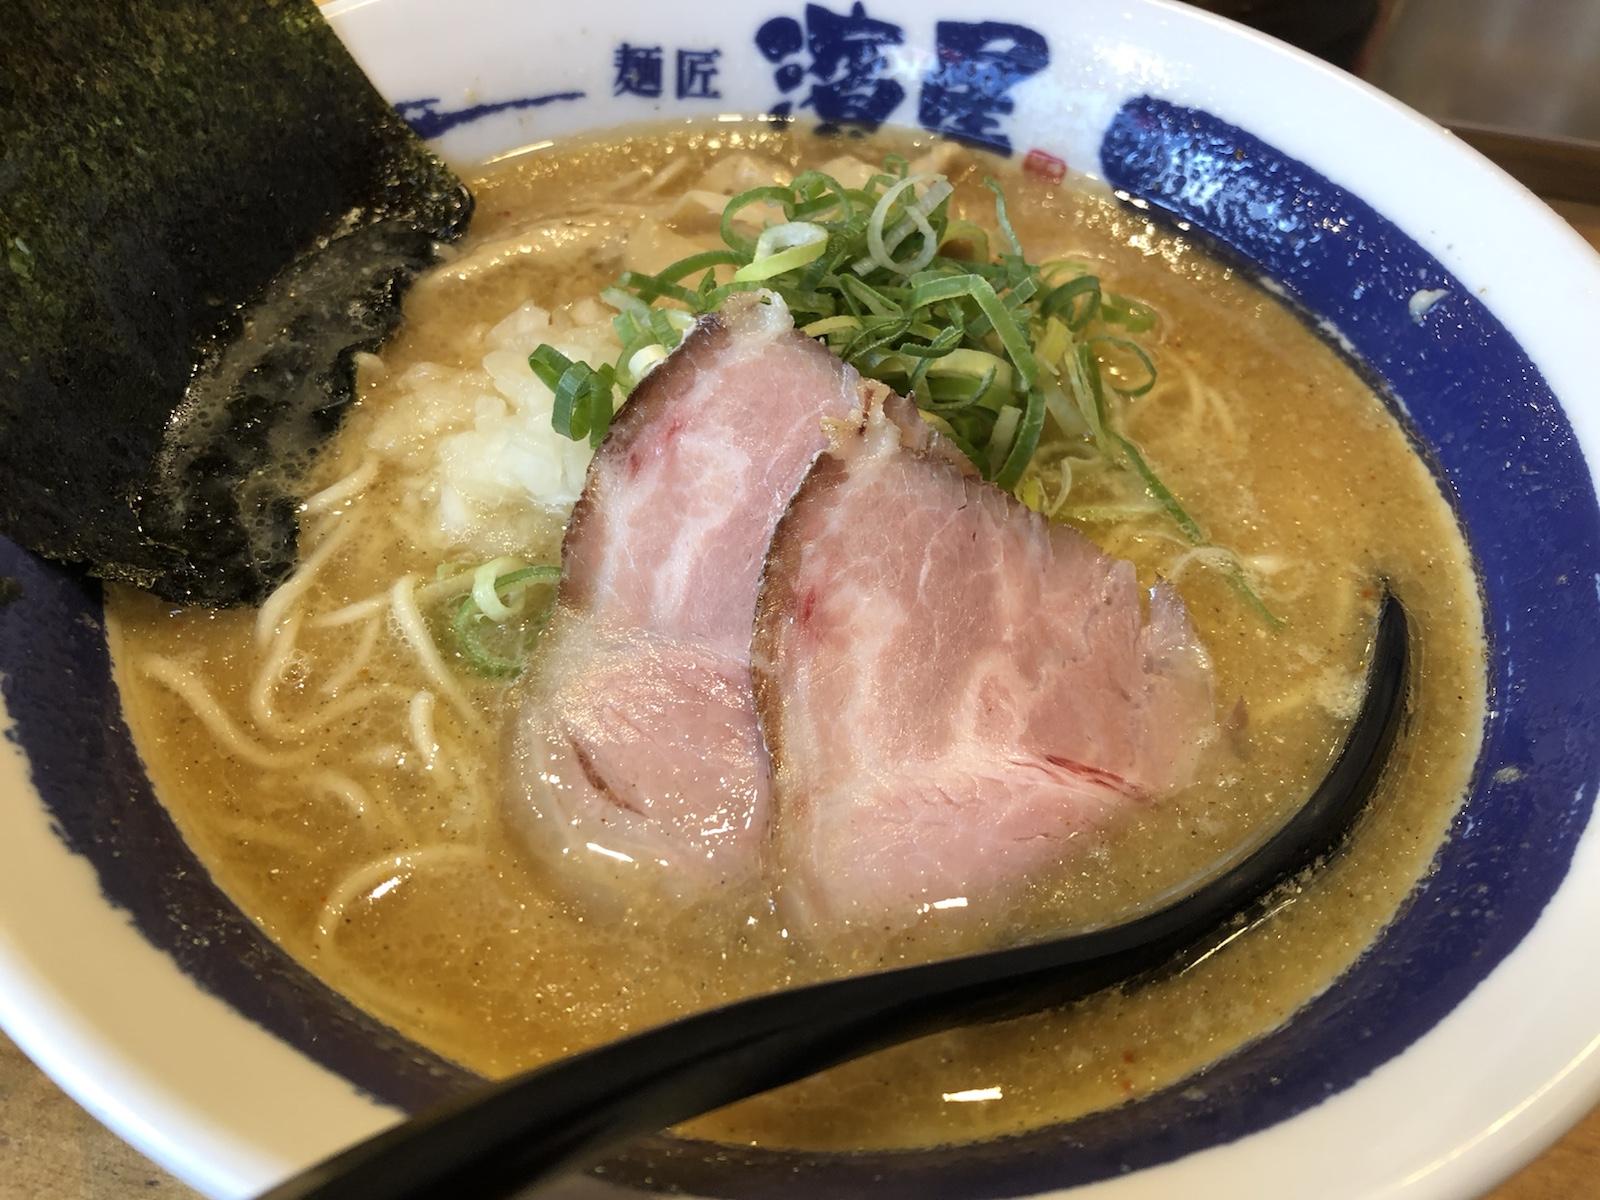 横浜関内「麺匠 濱星」 マイルドな濃厚煮干しラーメン!味変もオツ